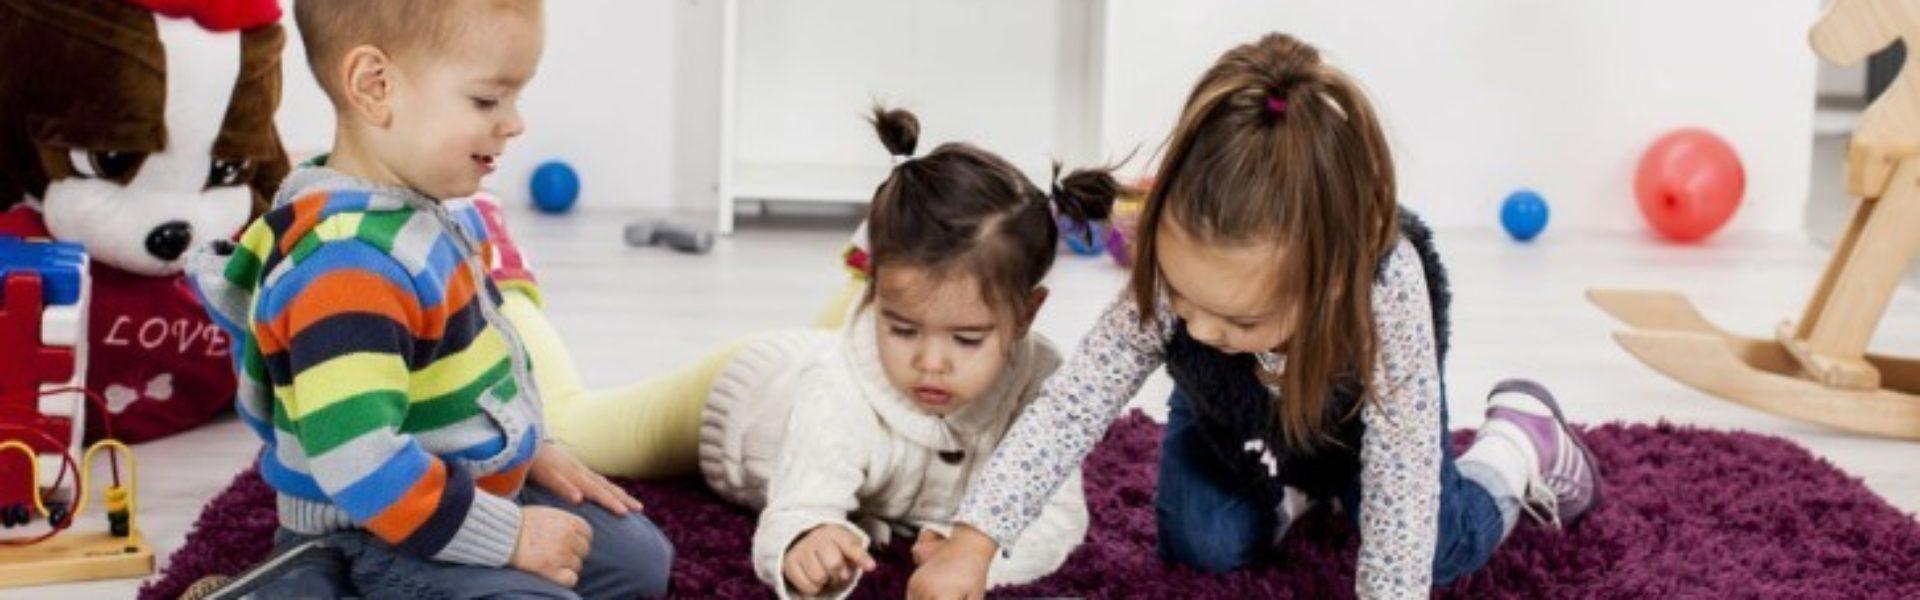 tablet-infantil-conheca-modelos-para-as-criancas-photo74098228-44-34-f-1920x600.jpg